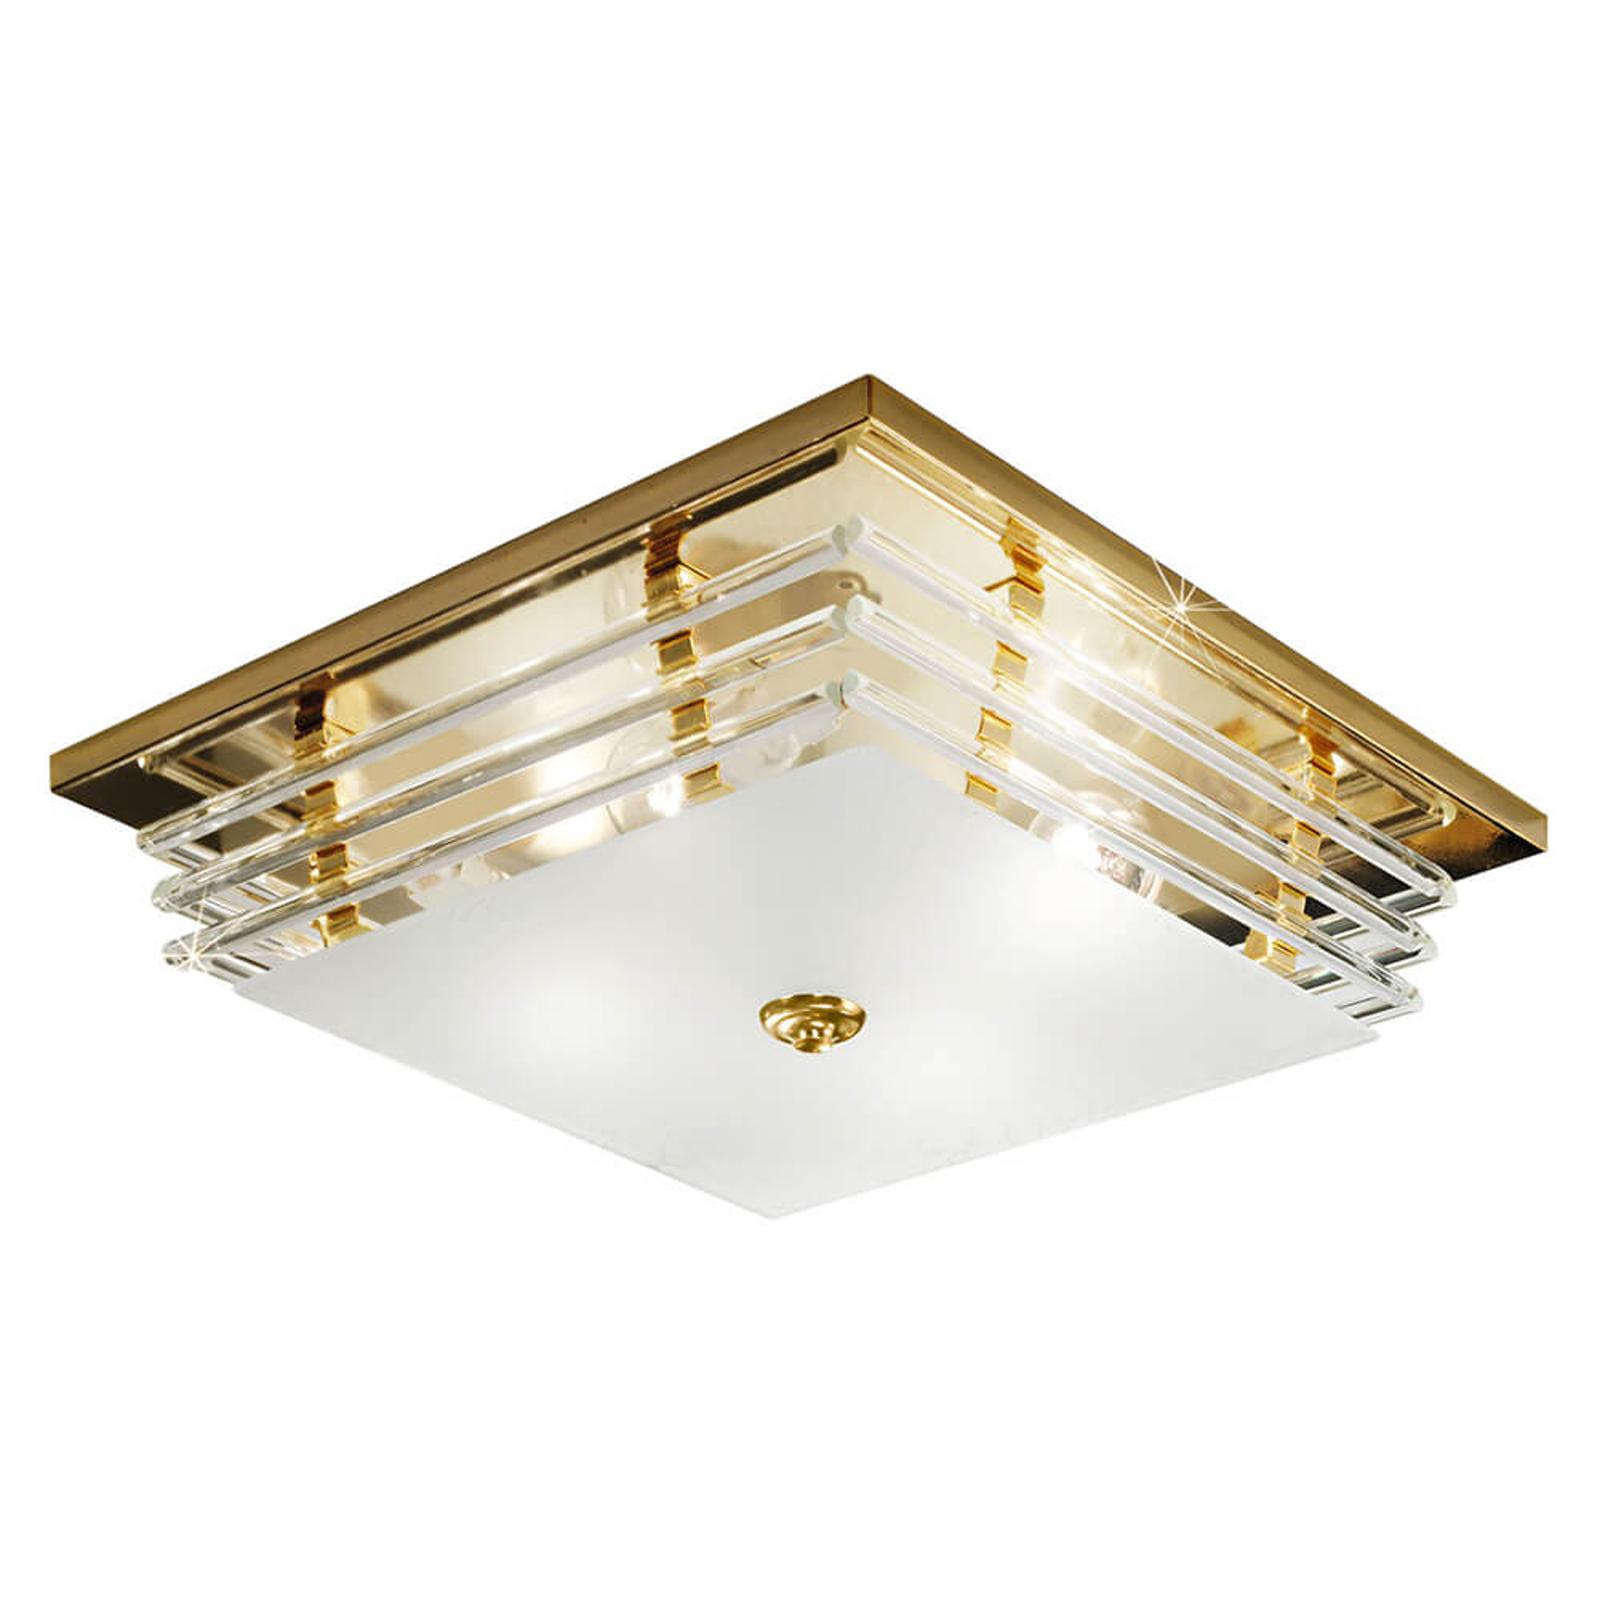 Pozłacana lampa sufitowa Ontario złota